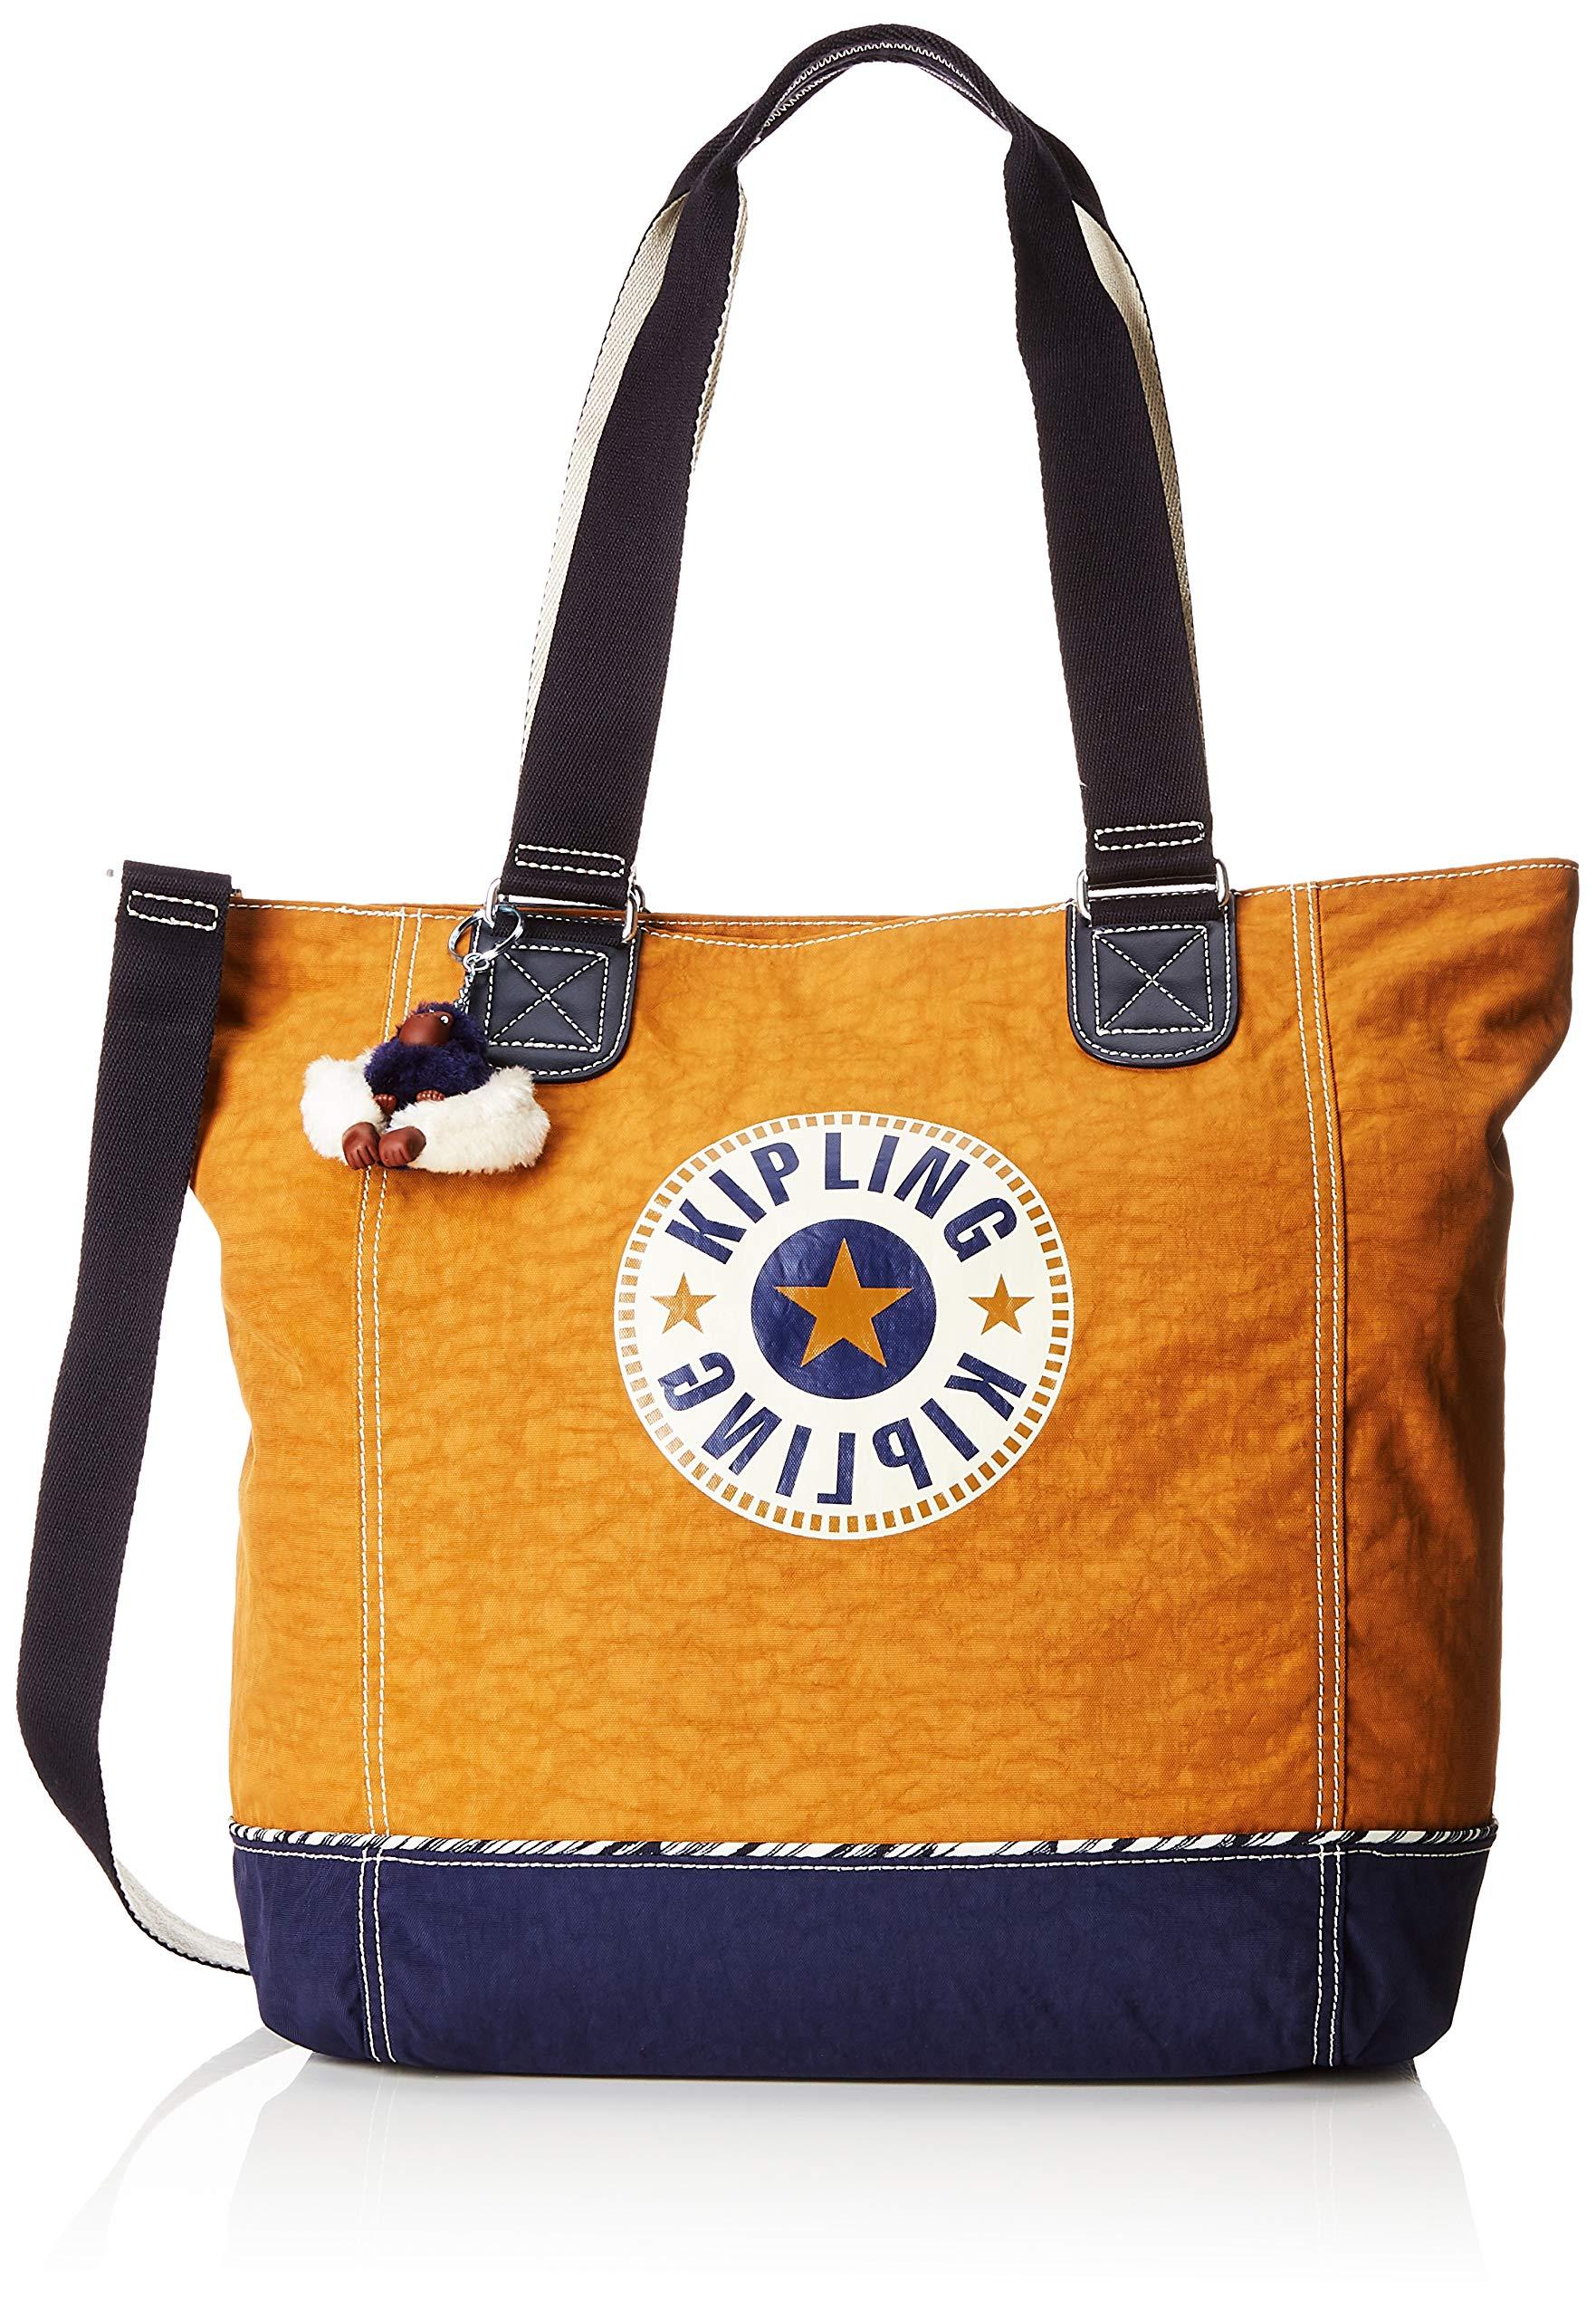 0805a5546f Kipling Women's Shopper C Tote Brown (Active Tan Bl) 689990062719 | eBay